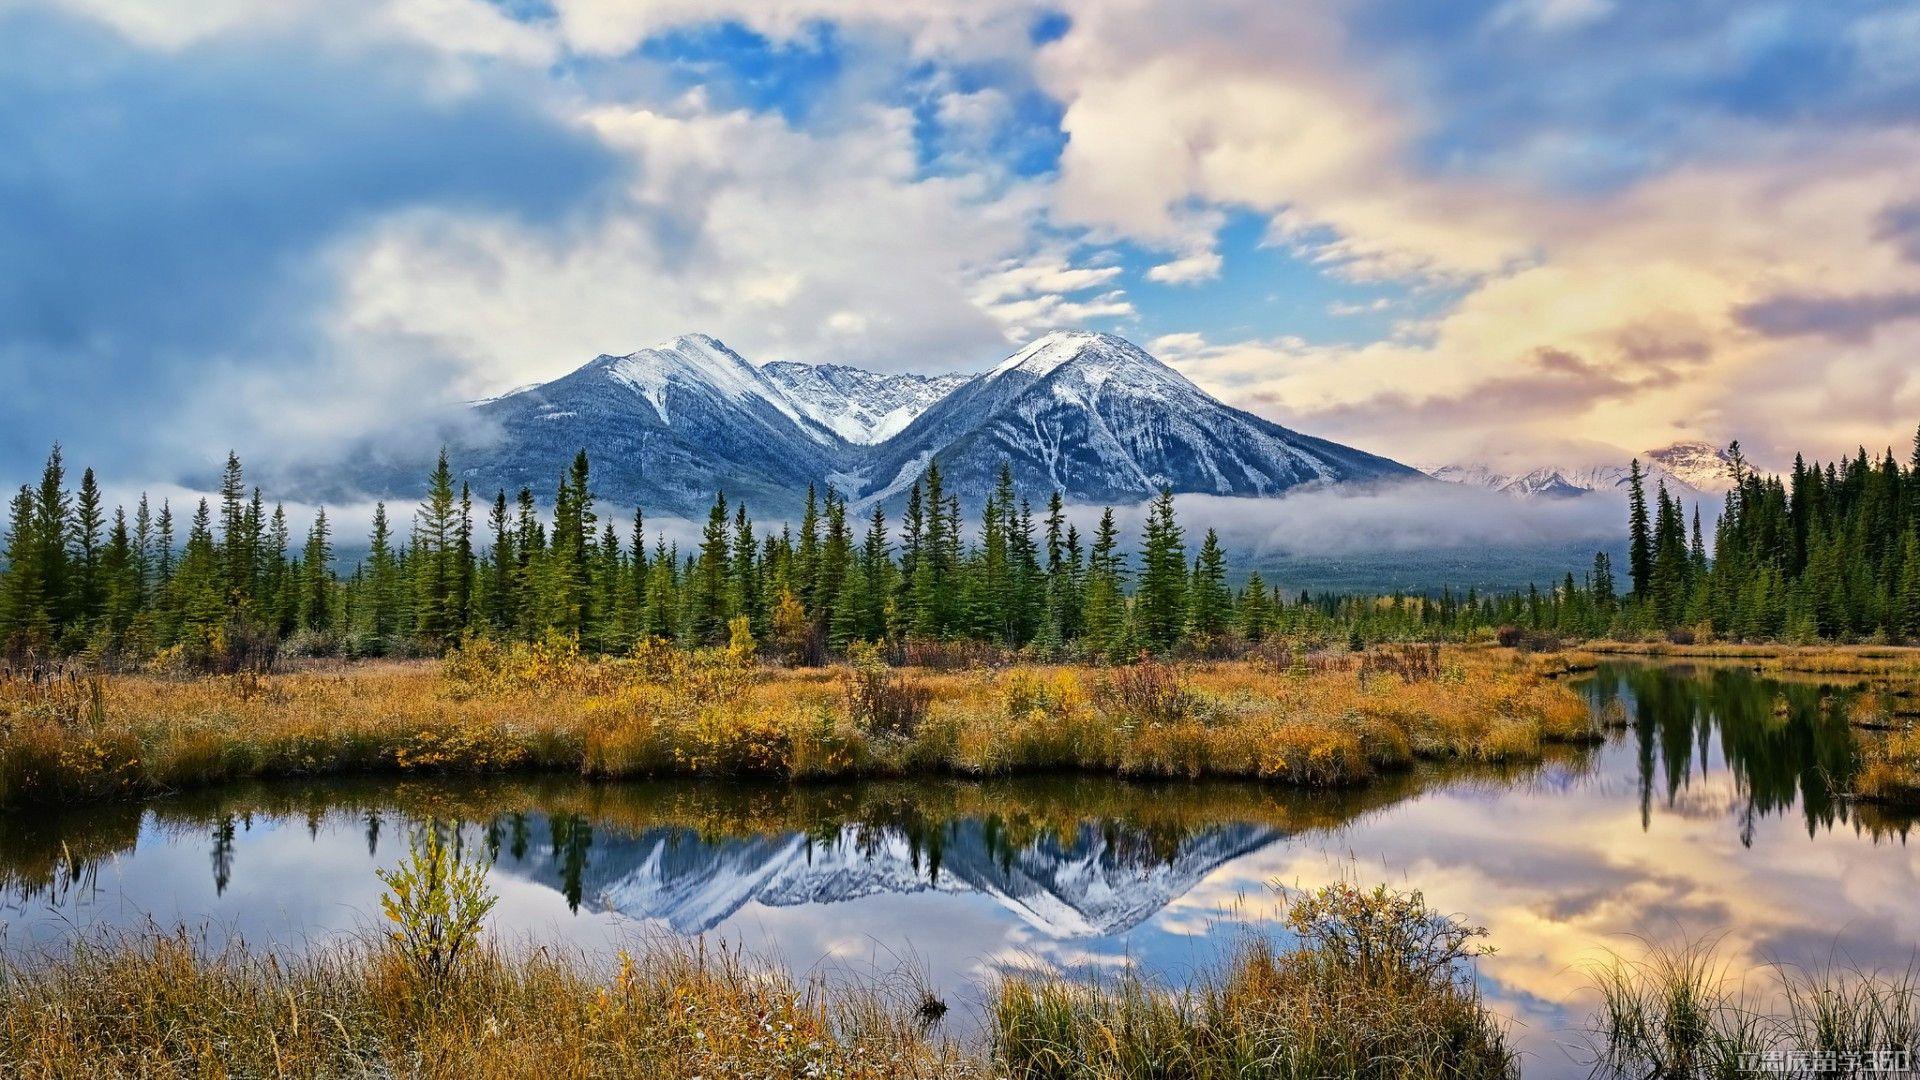 据立思辰留学360介绍,去加拿大读预科,是很多高三学生进入加拿大